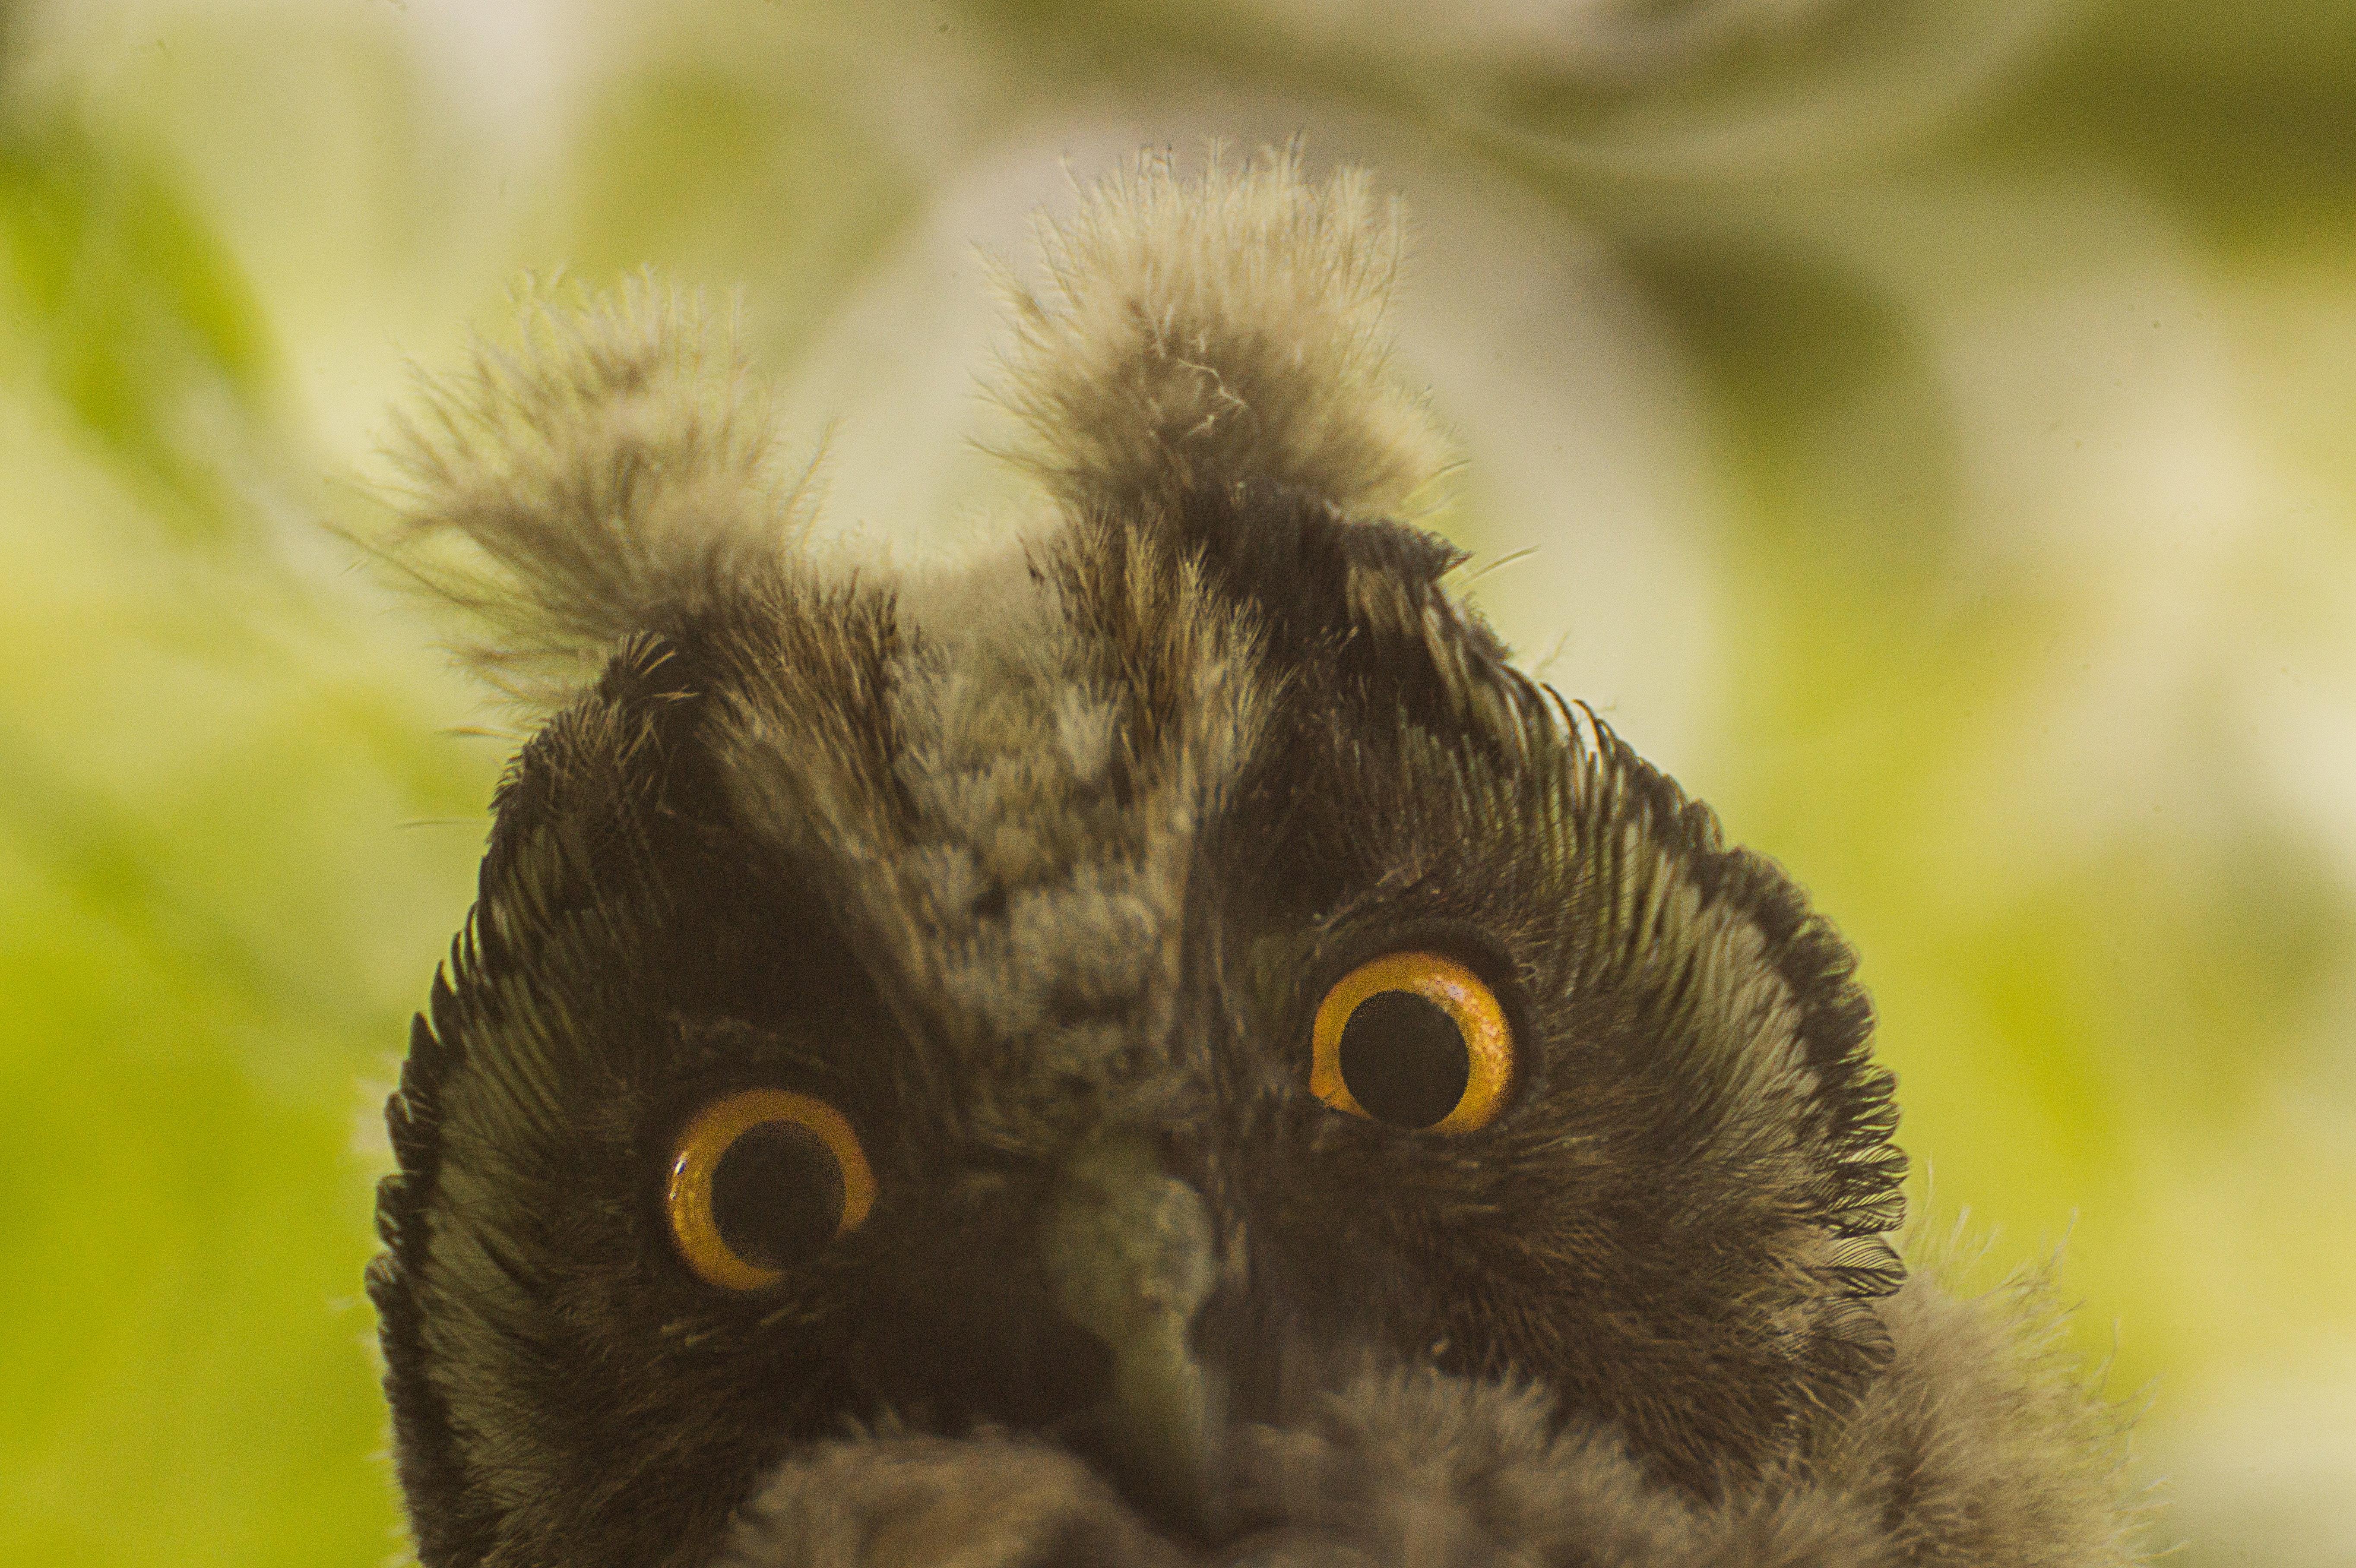 Pöllöstä voi napata hassun kuvan!